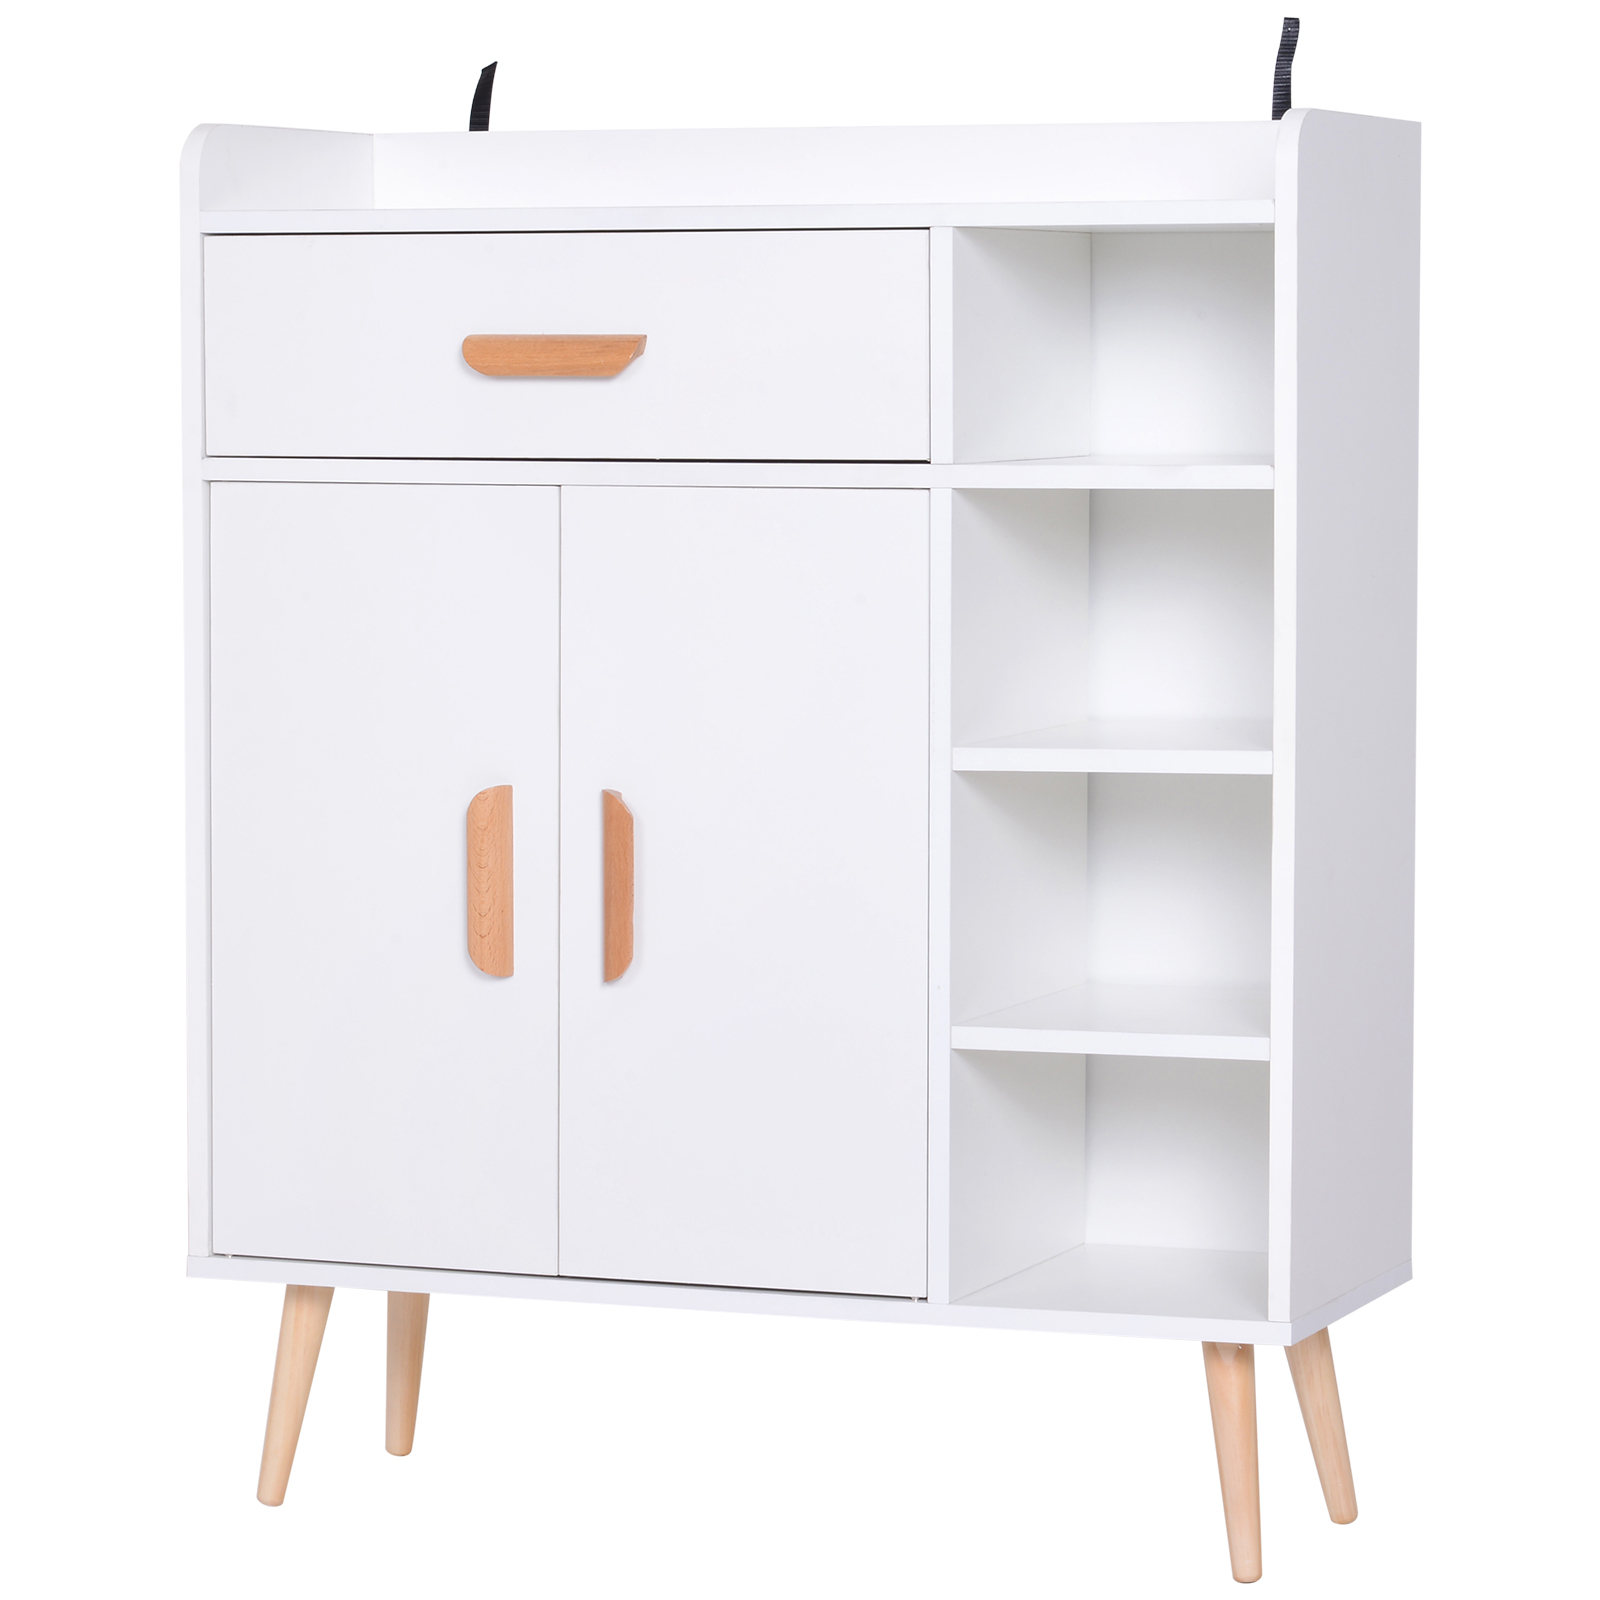 Homcom Mobiletto con Piedini in Legno di Pino Bianco 80 x 29.5 x 96cm